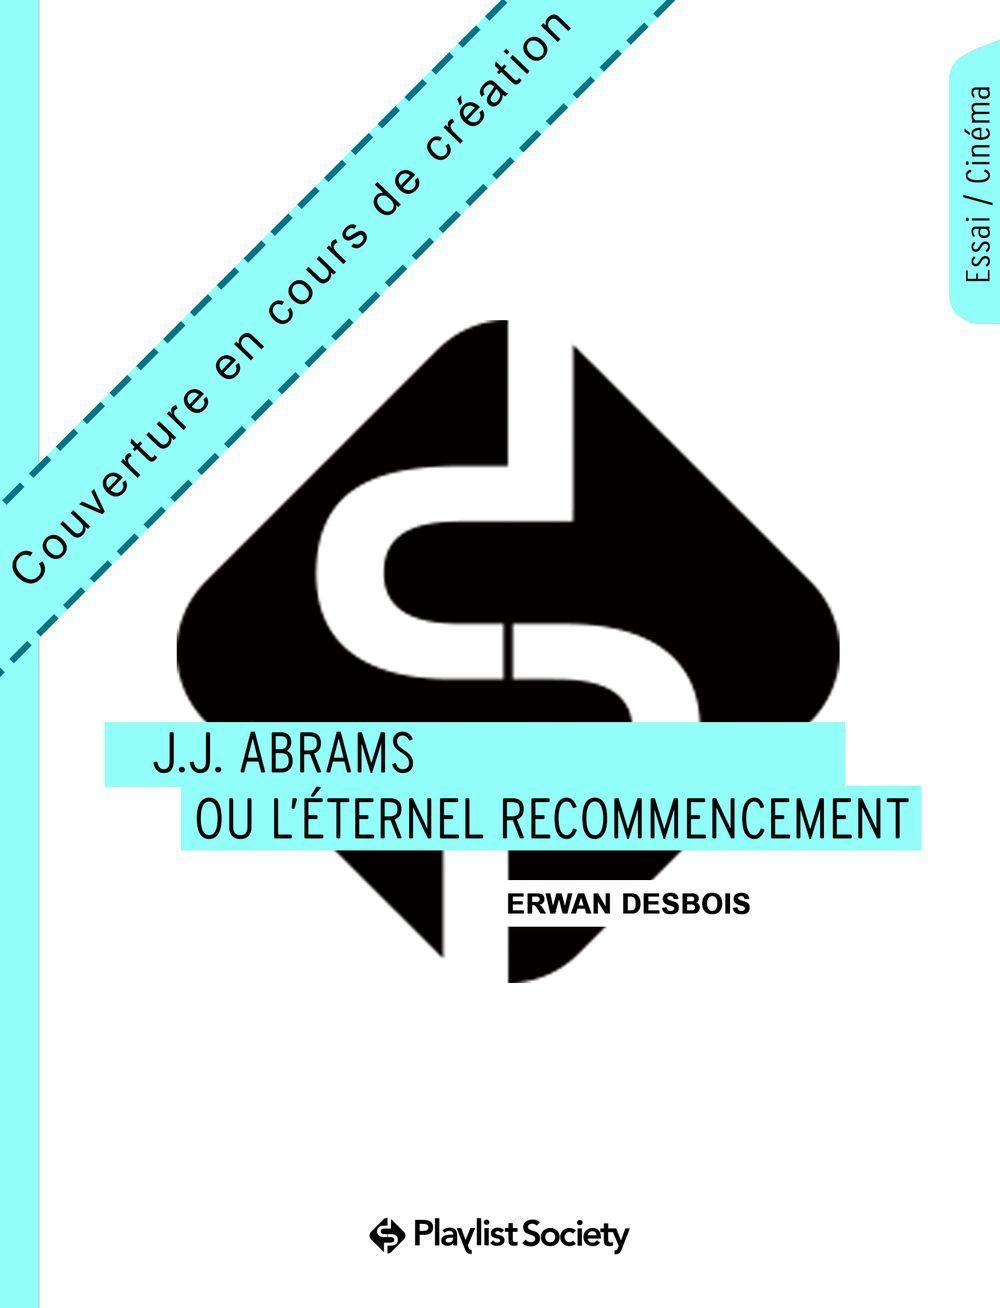 J.J. ABRAMS OU L ETERNEL RECOMMENCEMENT